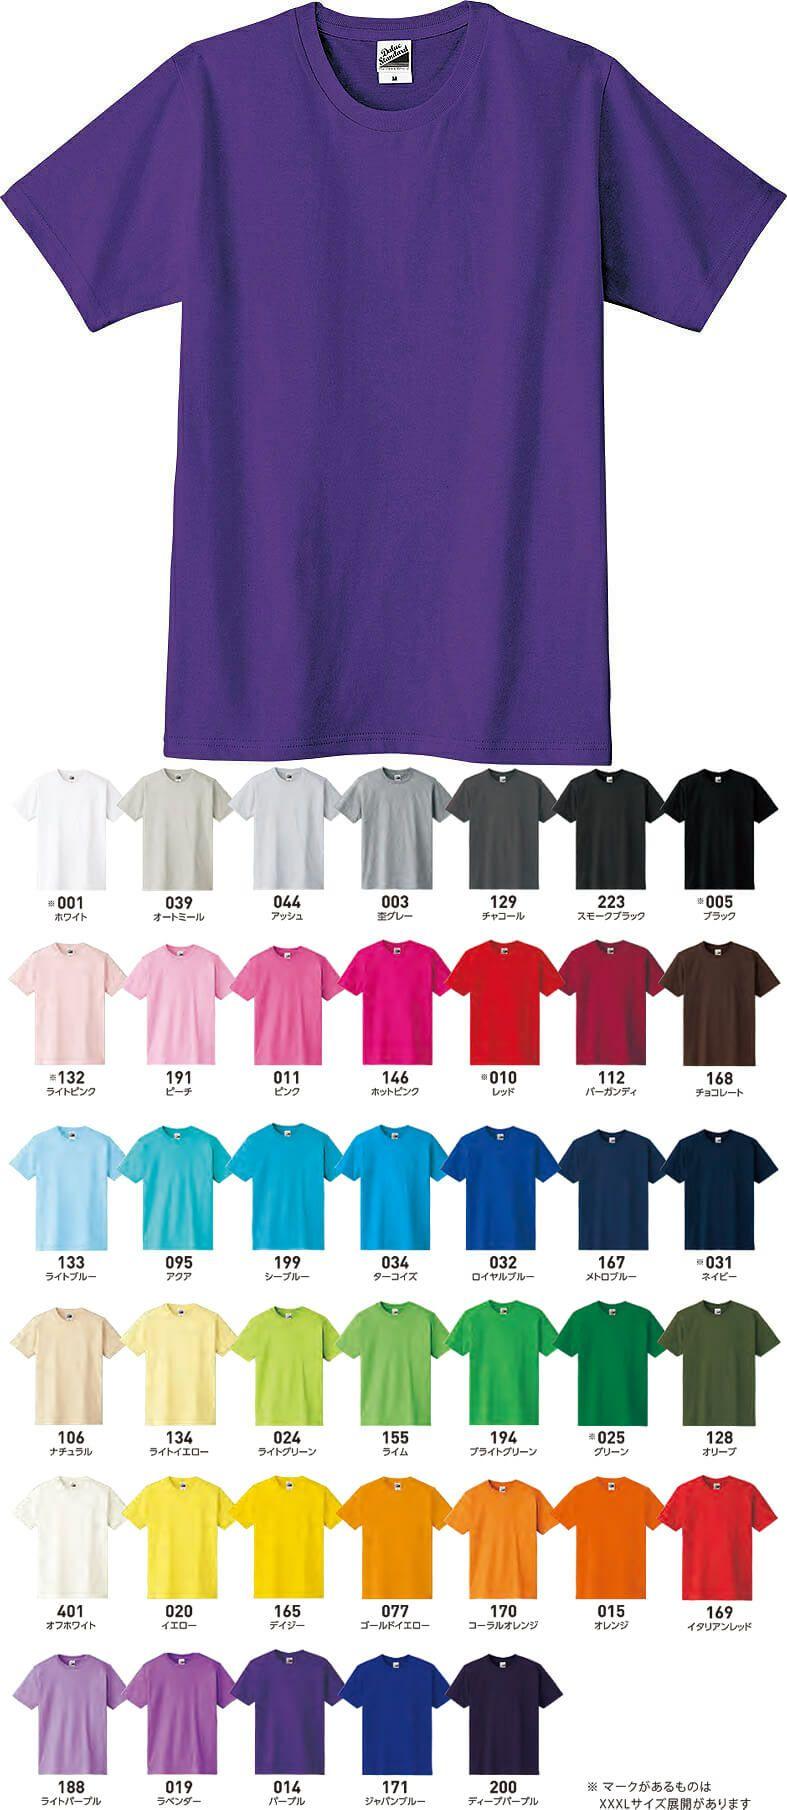 パープル#014/1番人気の半袖Tシャツ